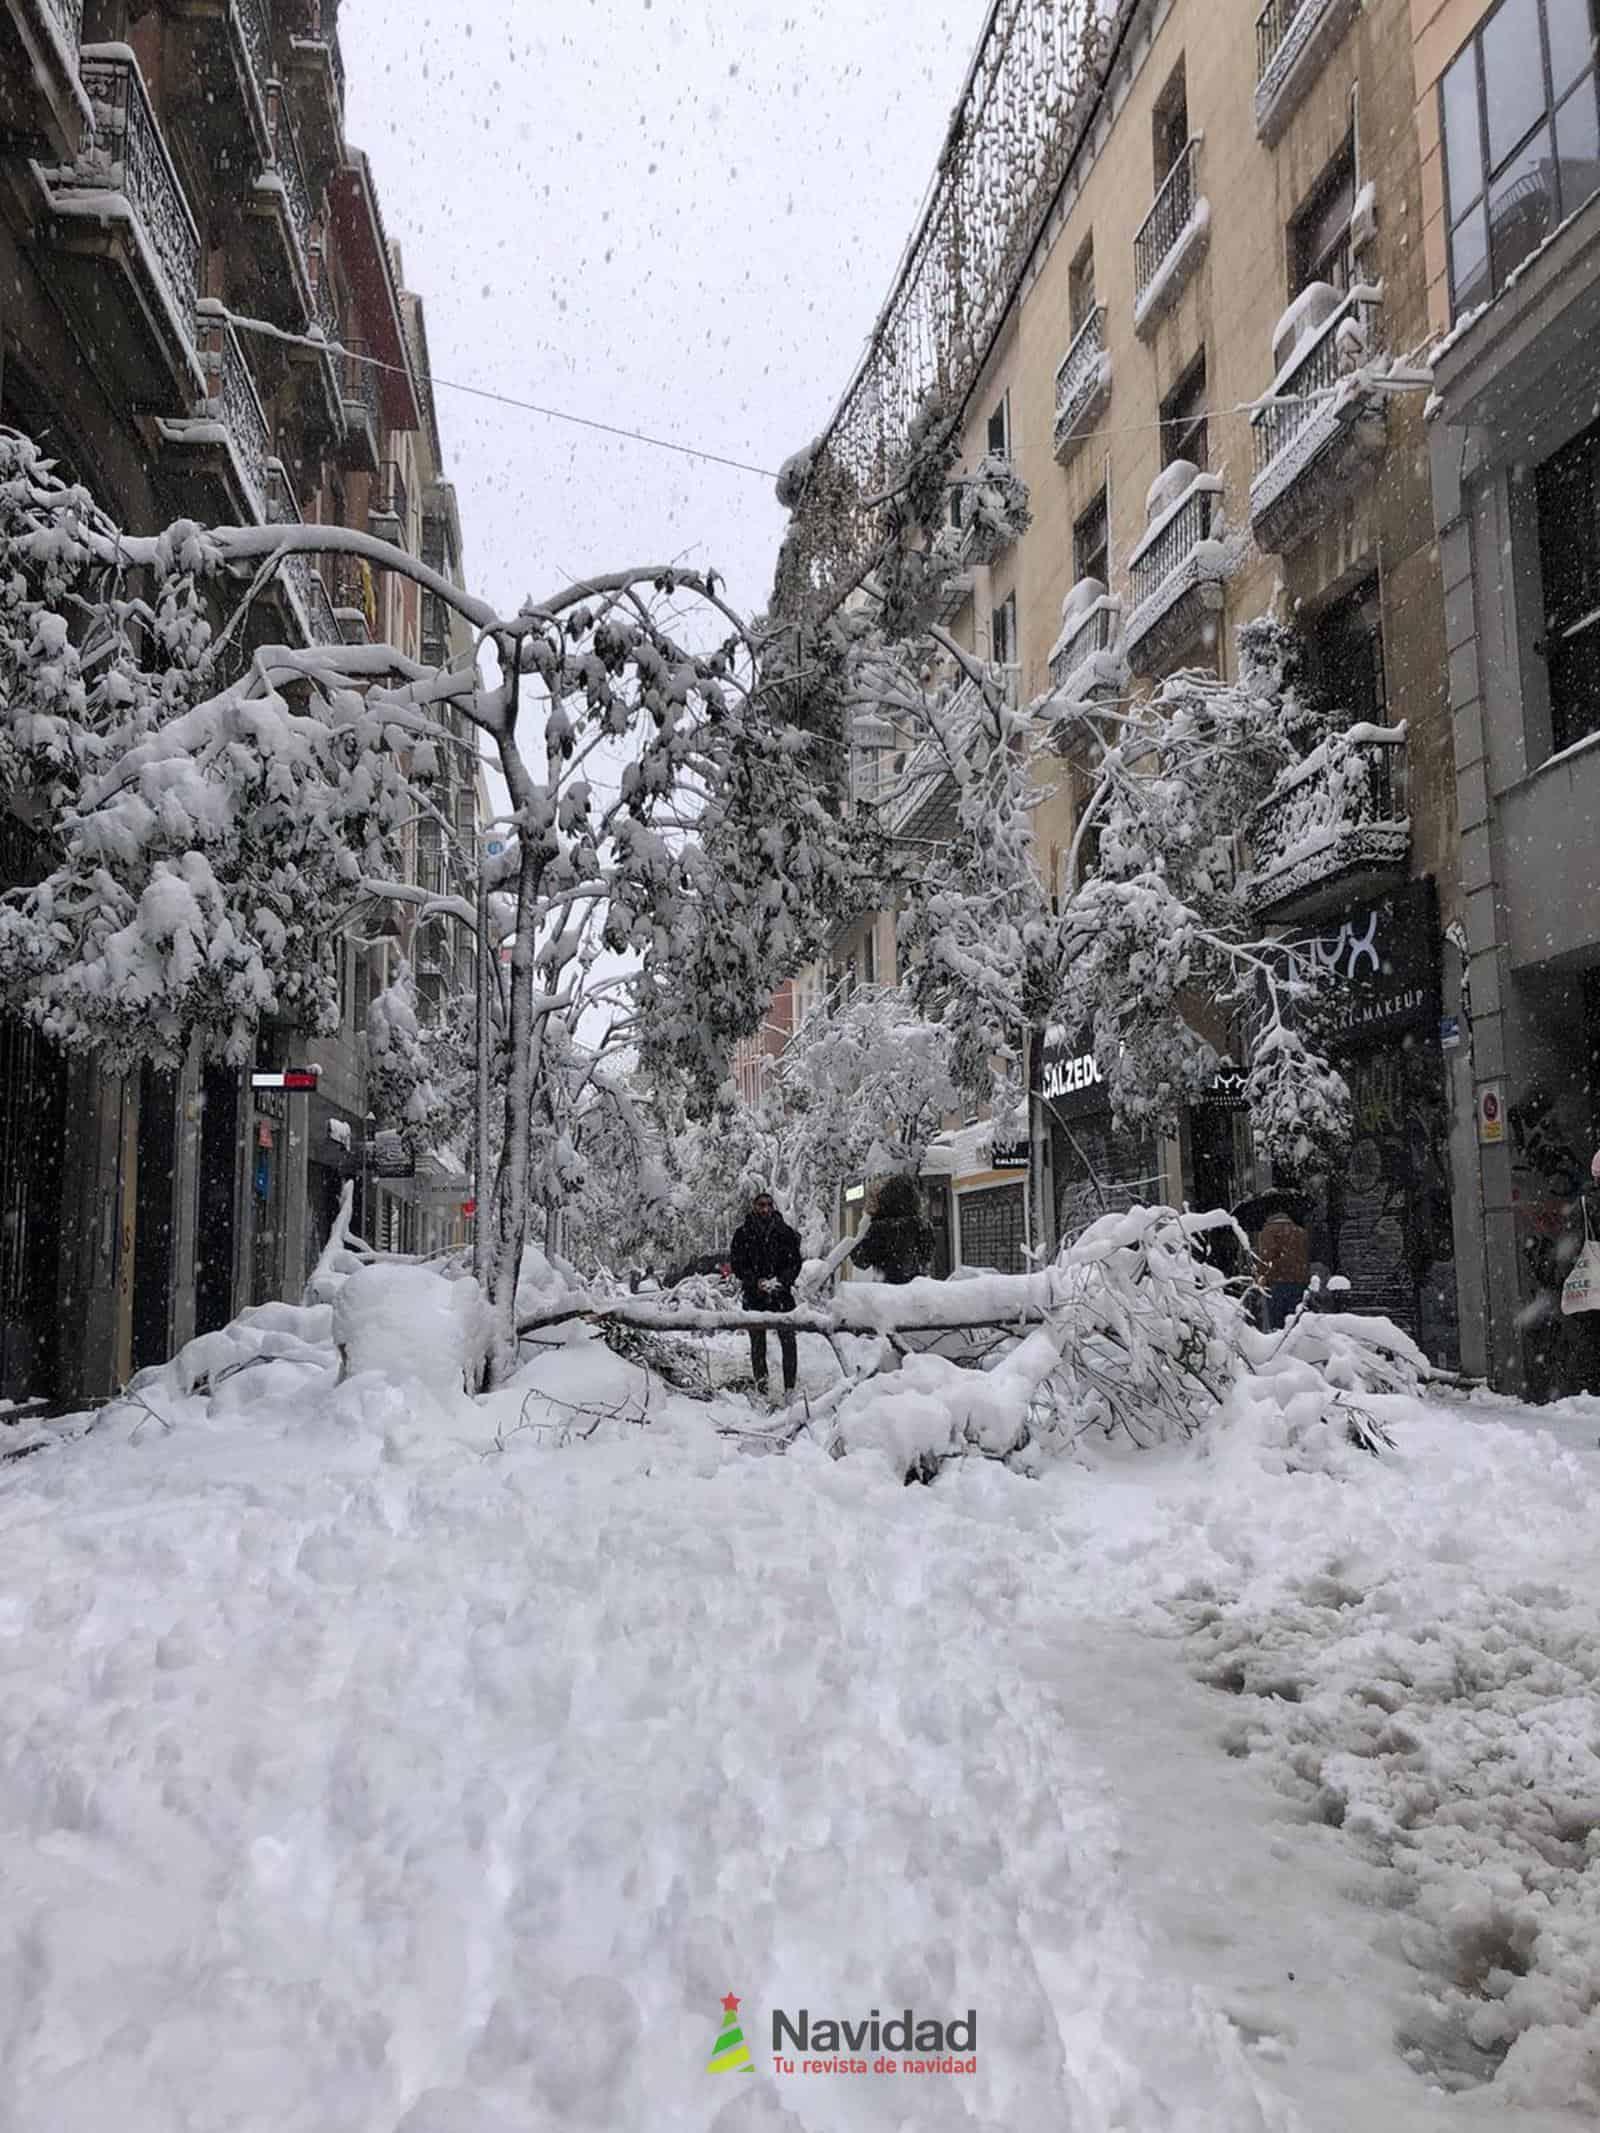 Fotografías de la nevada de enero en Madrid (España) 113